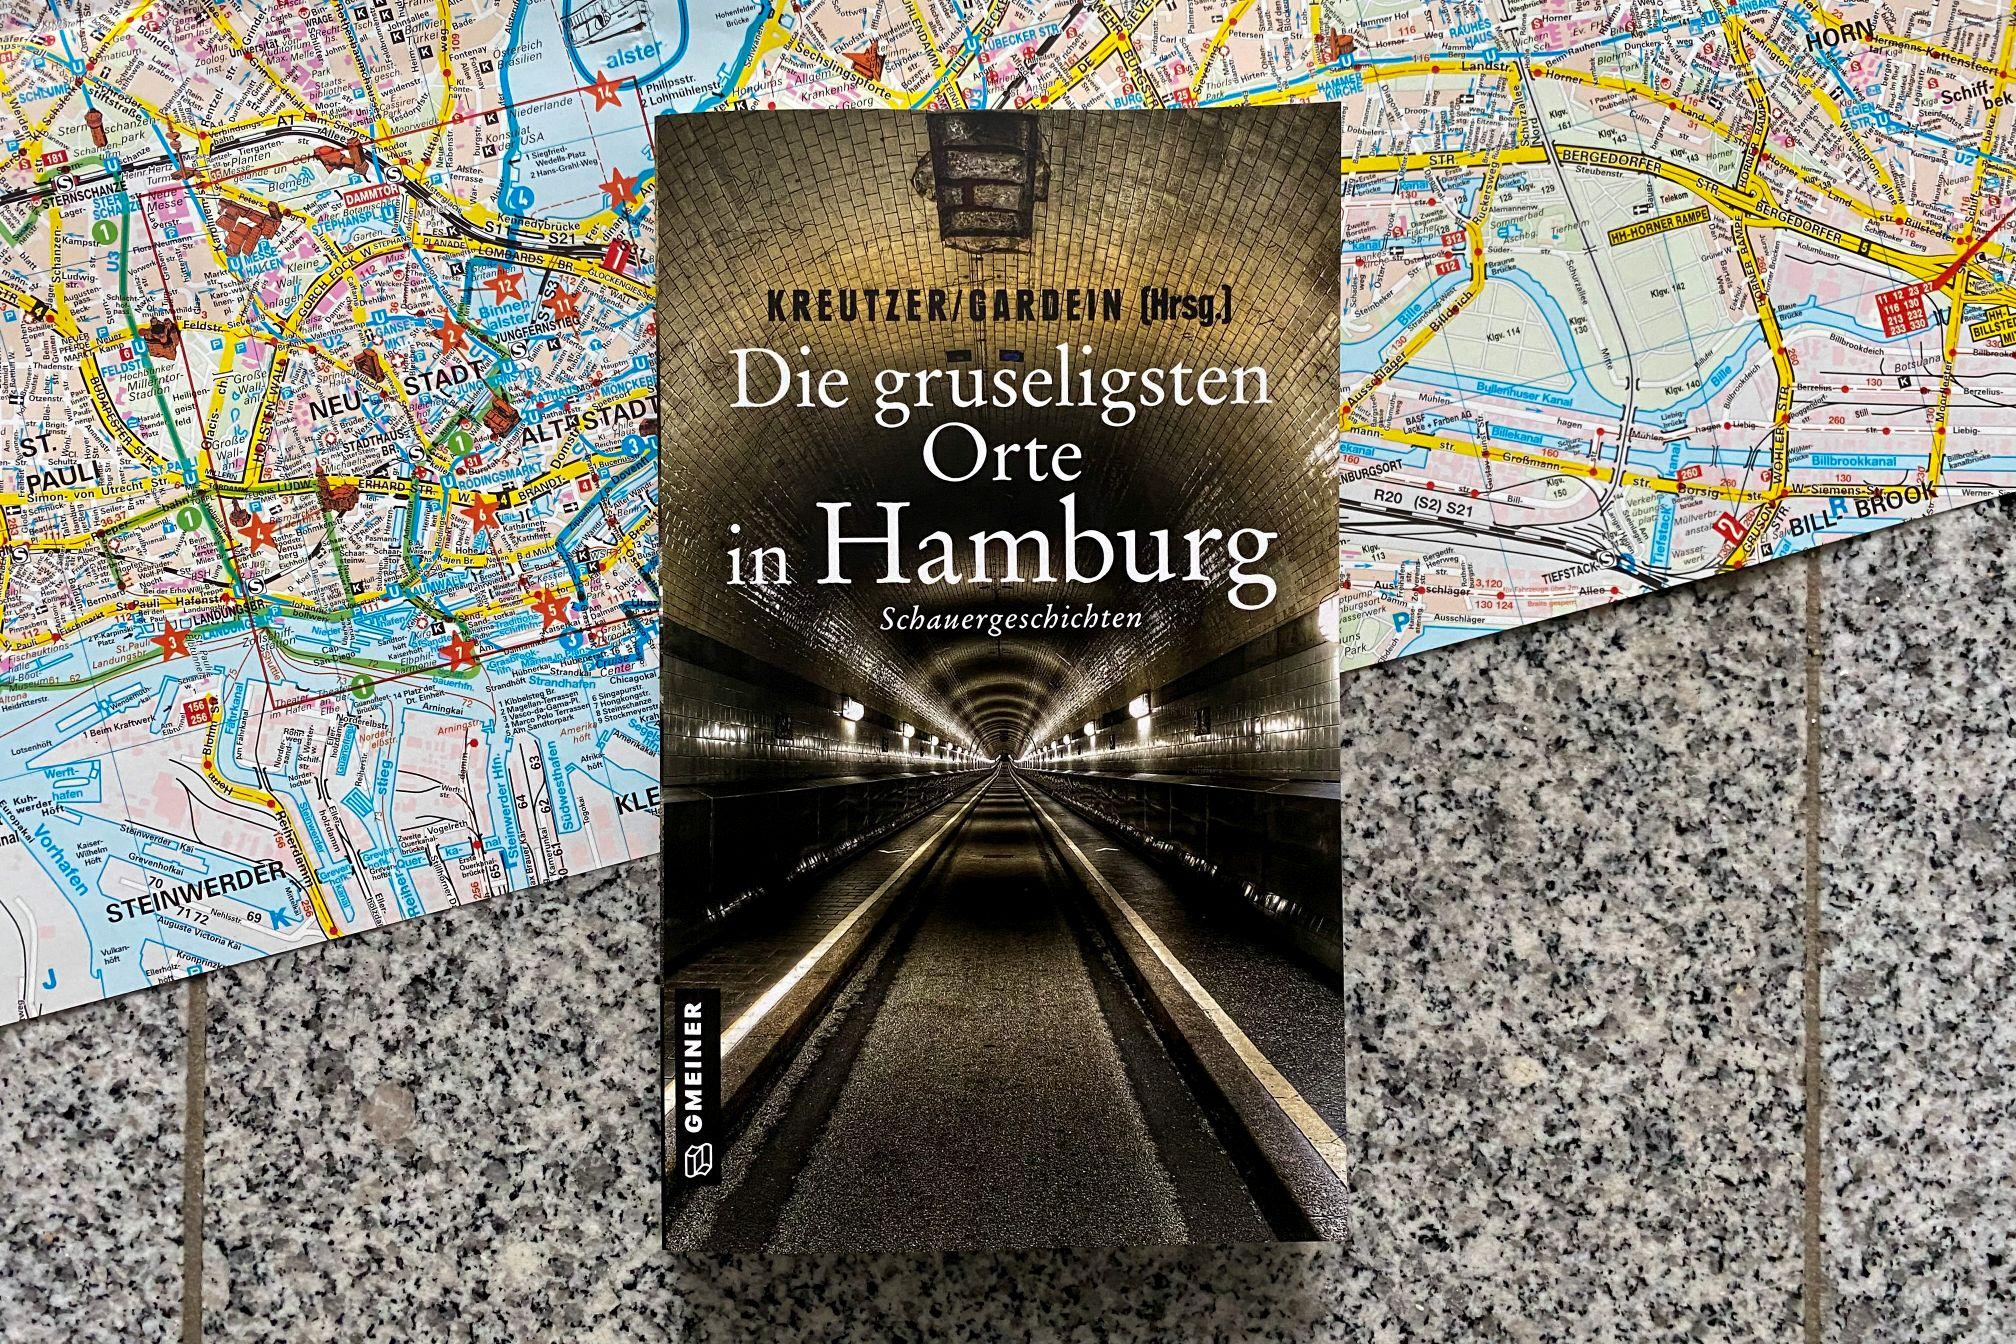 Kreutzer Gardein Die gruseligsten Orte in Hamburg Gmeiner Verlag